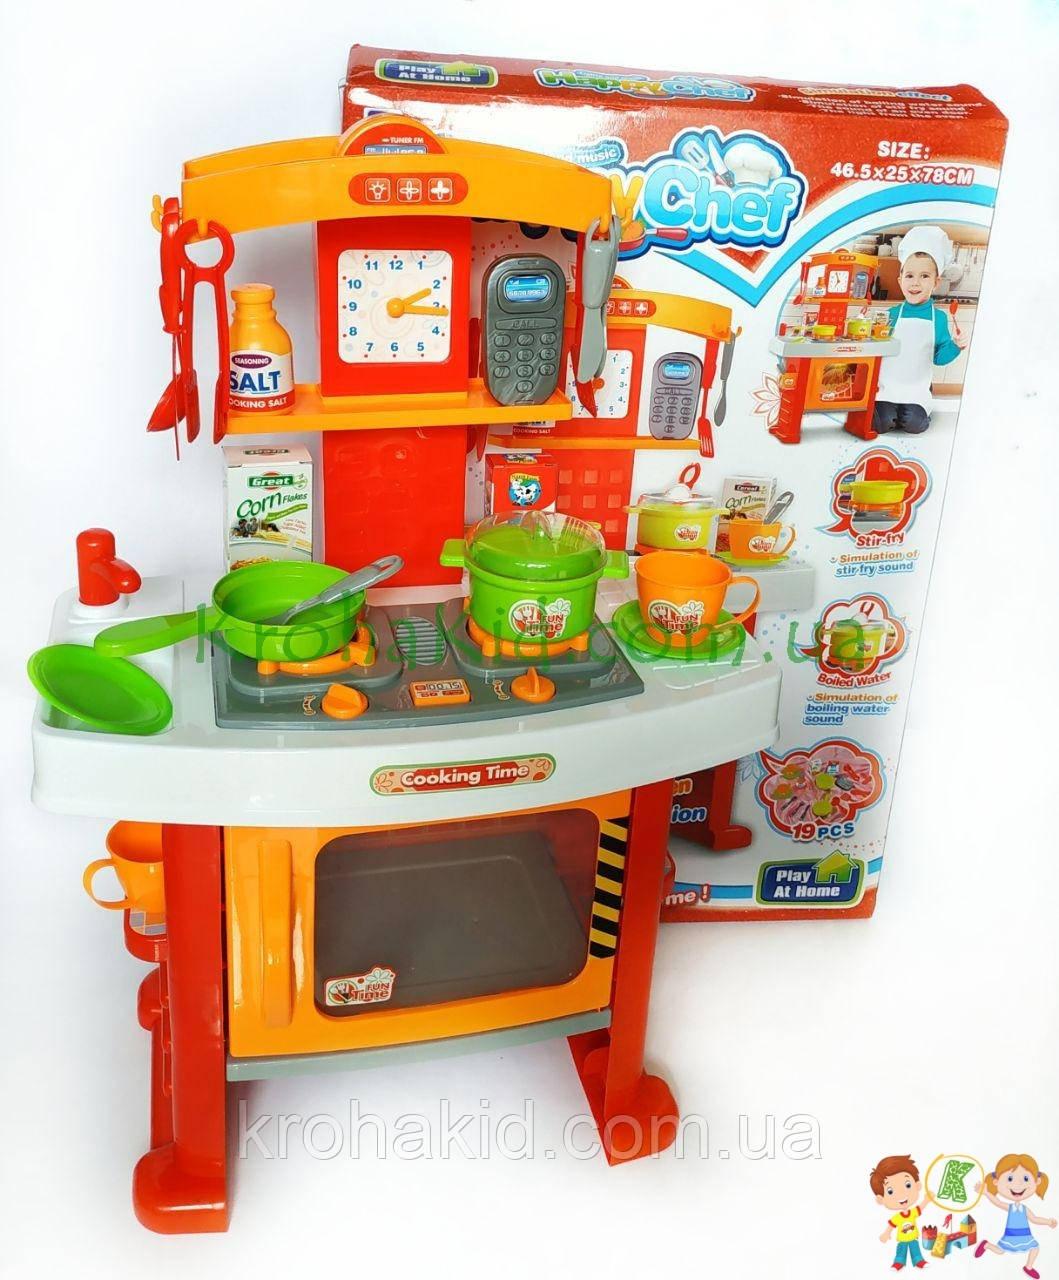 Детская игровая кухня 661-91 со световыми и звуковыми эффектами, размер 42-23-62,5 cм.